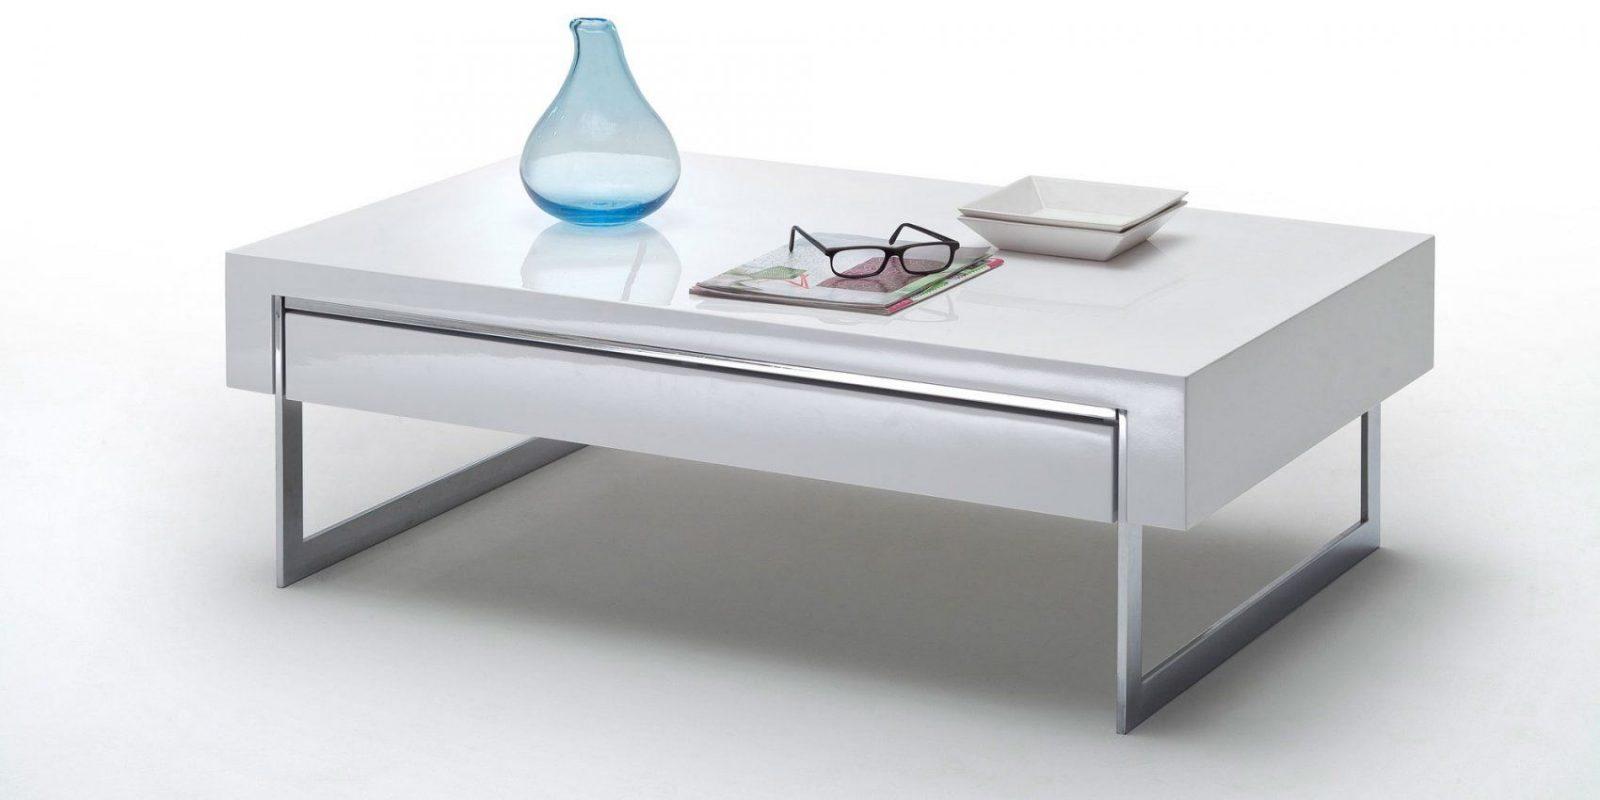 Couchtische Tolle Couchtisch Mit Schublade Ideen Atemberaubend von Couchtisch Mit Schublade Ikea Photo